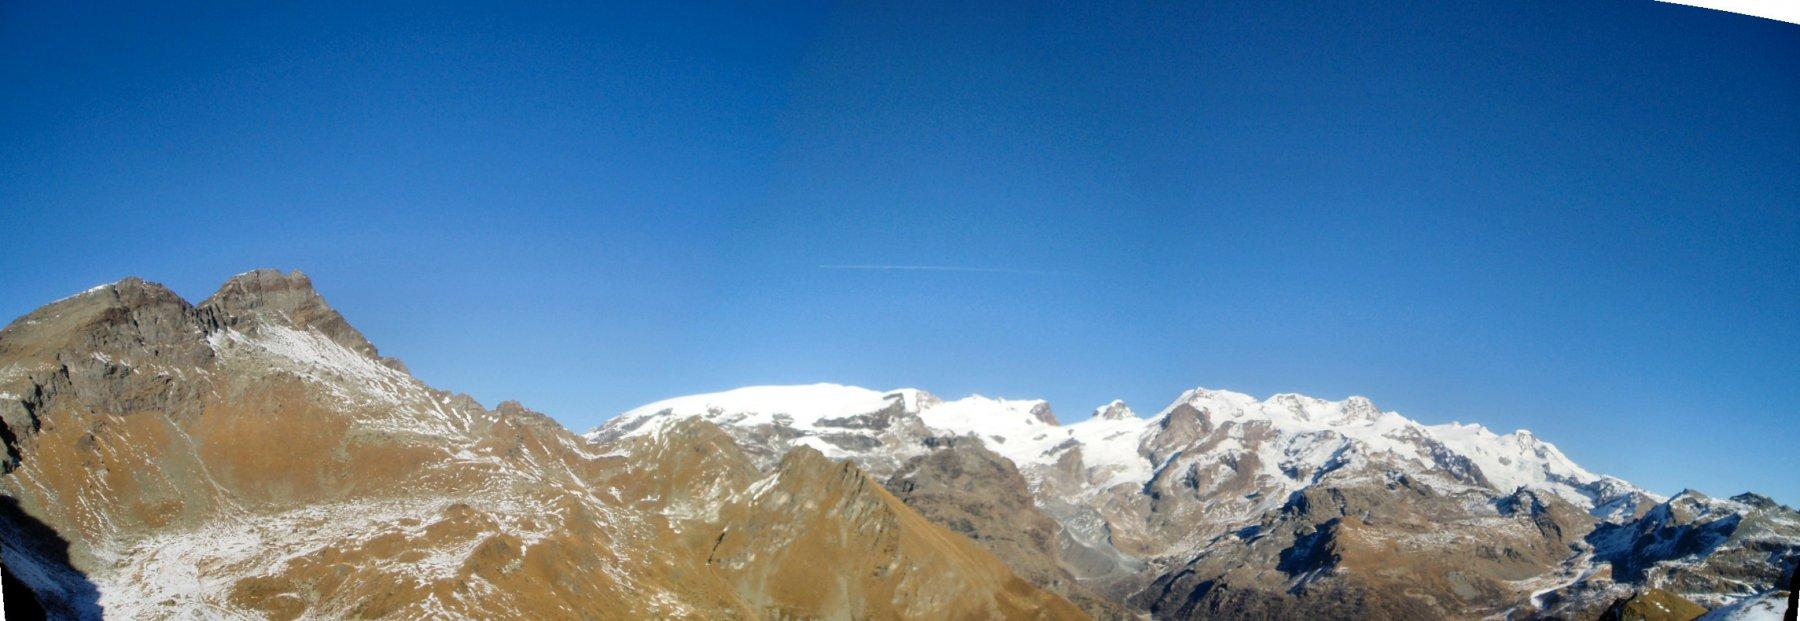 Dai Tournalin al tutto il Gruppo del Monte Rosa.